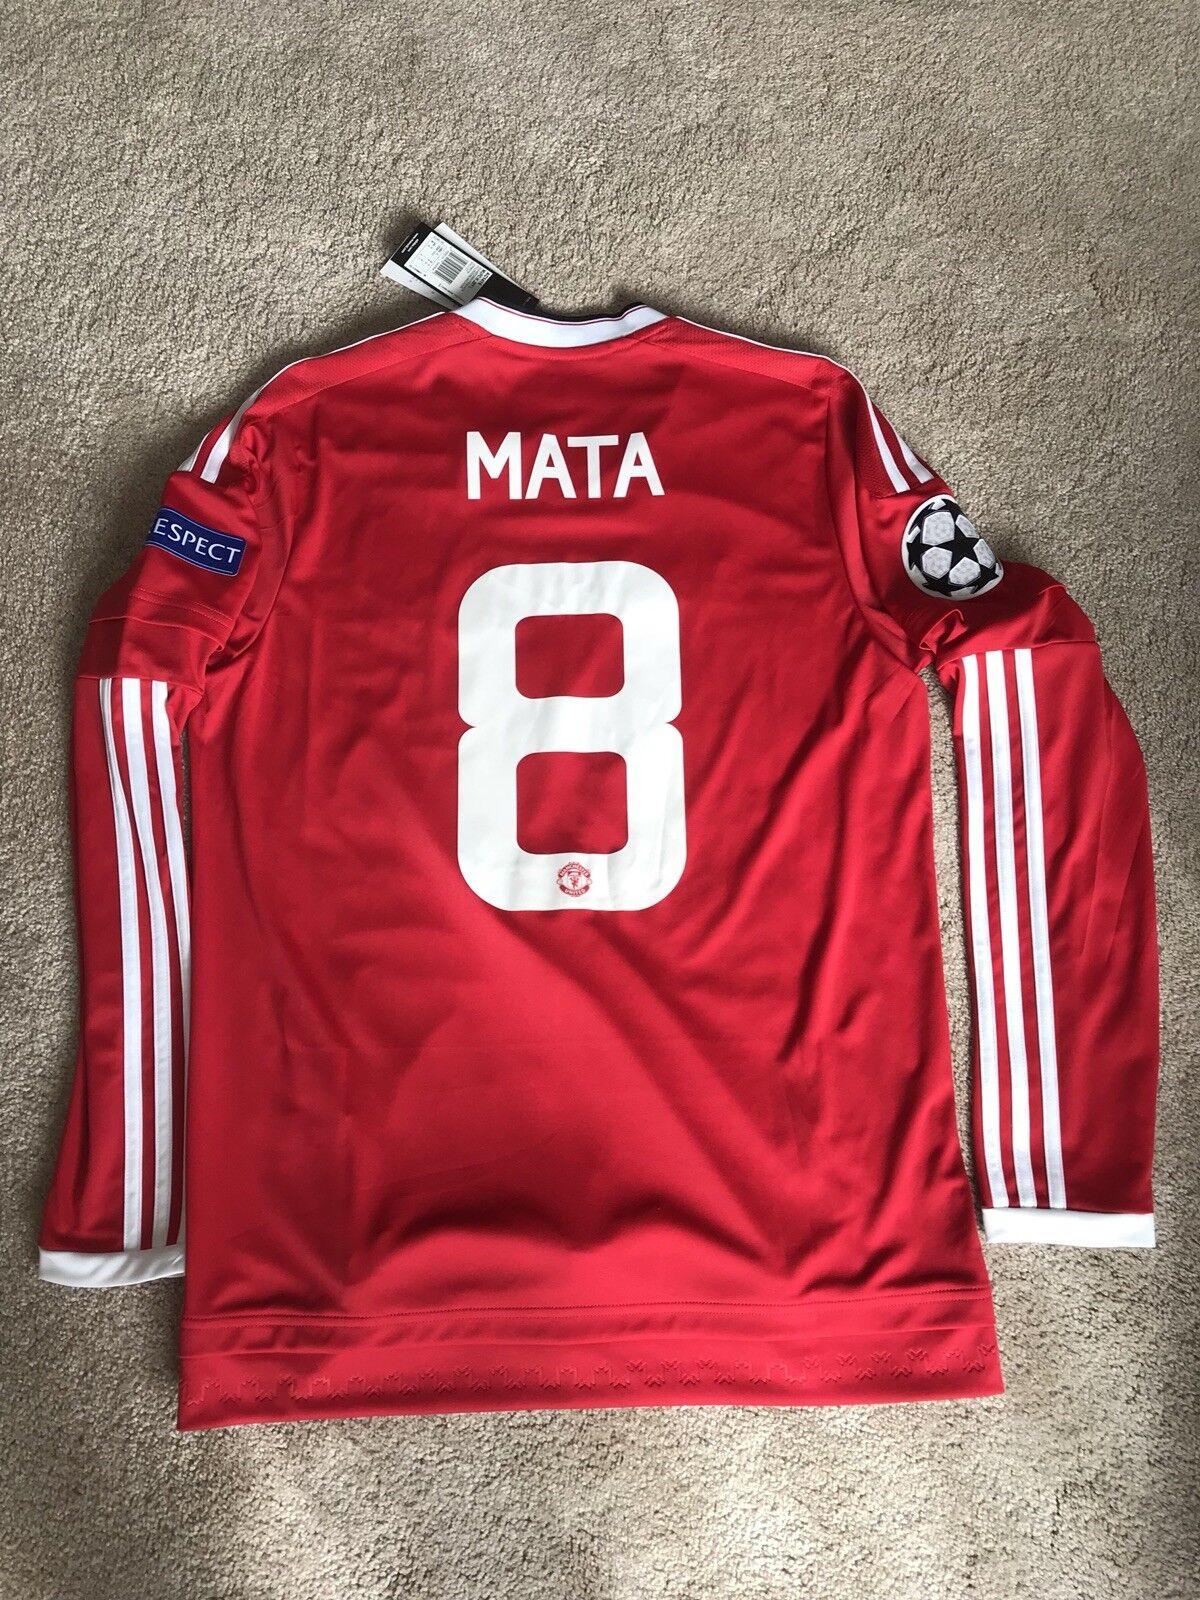 NUOVO Tag Manchester United Home Camicia 201516 adulti medio M Manica Lunga MATA